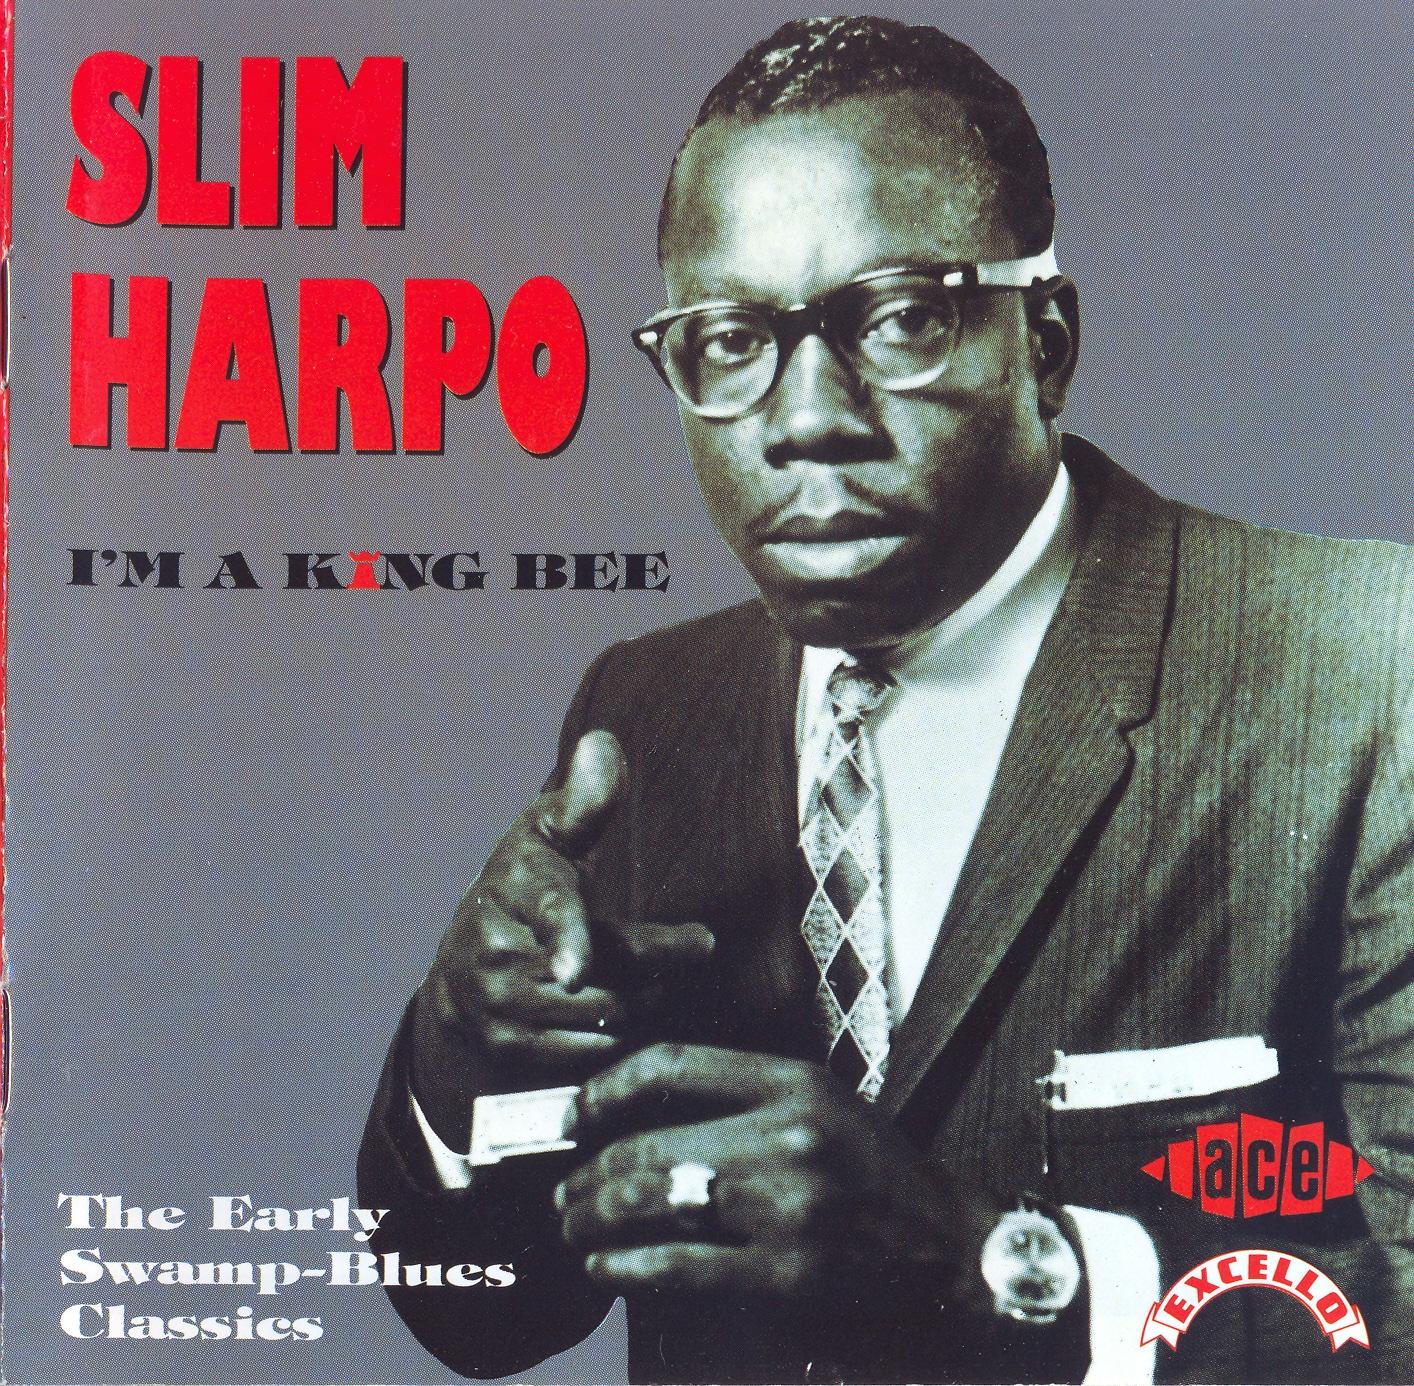 Slim Harpo album cover